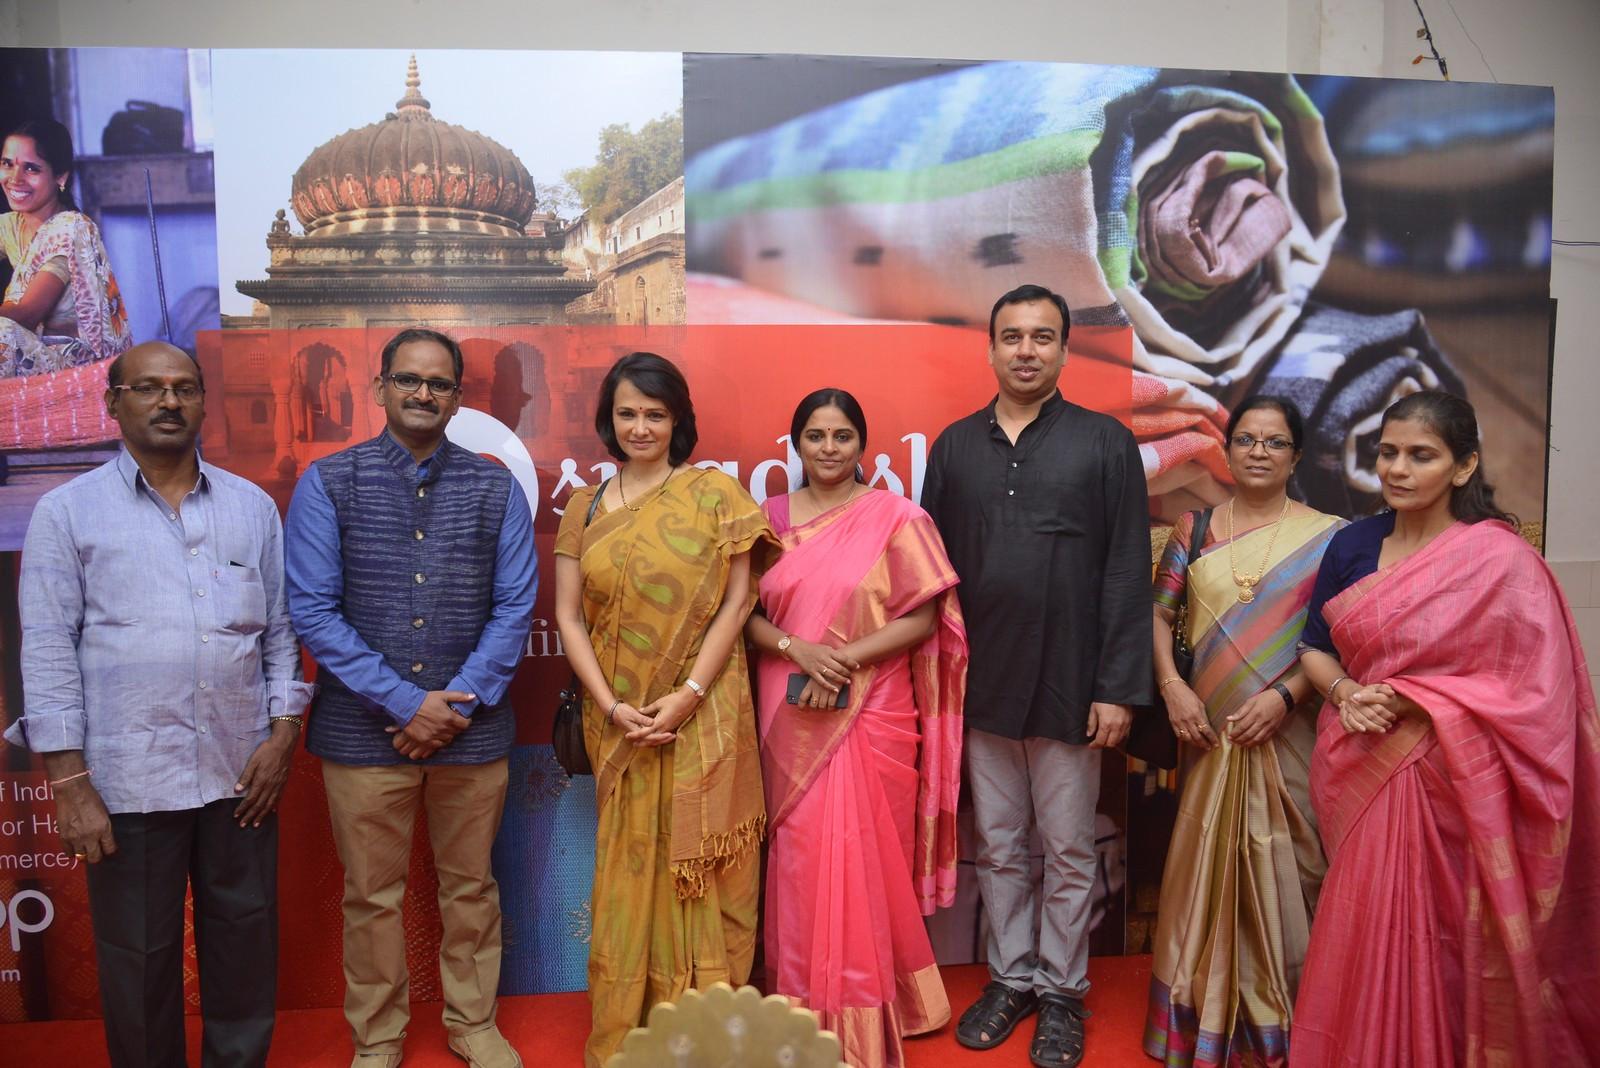 Go Swadeshi handwoven expo launch by Amala at Kalinga Hall, Road No. 12, Banjara Hills, Hyderabad